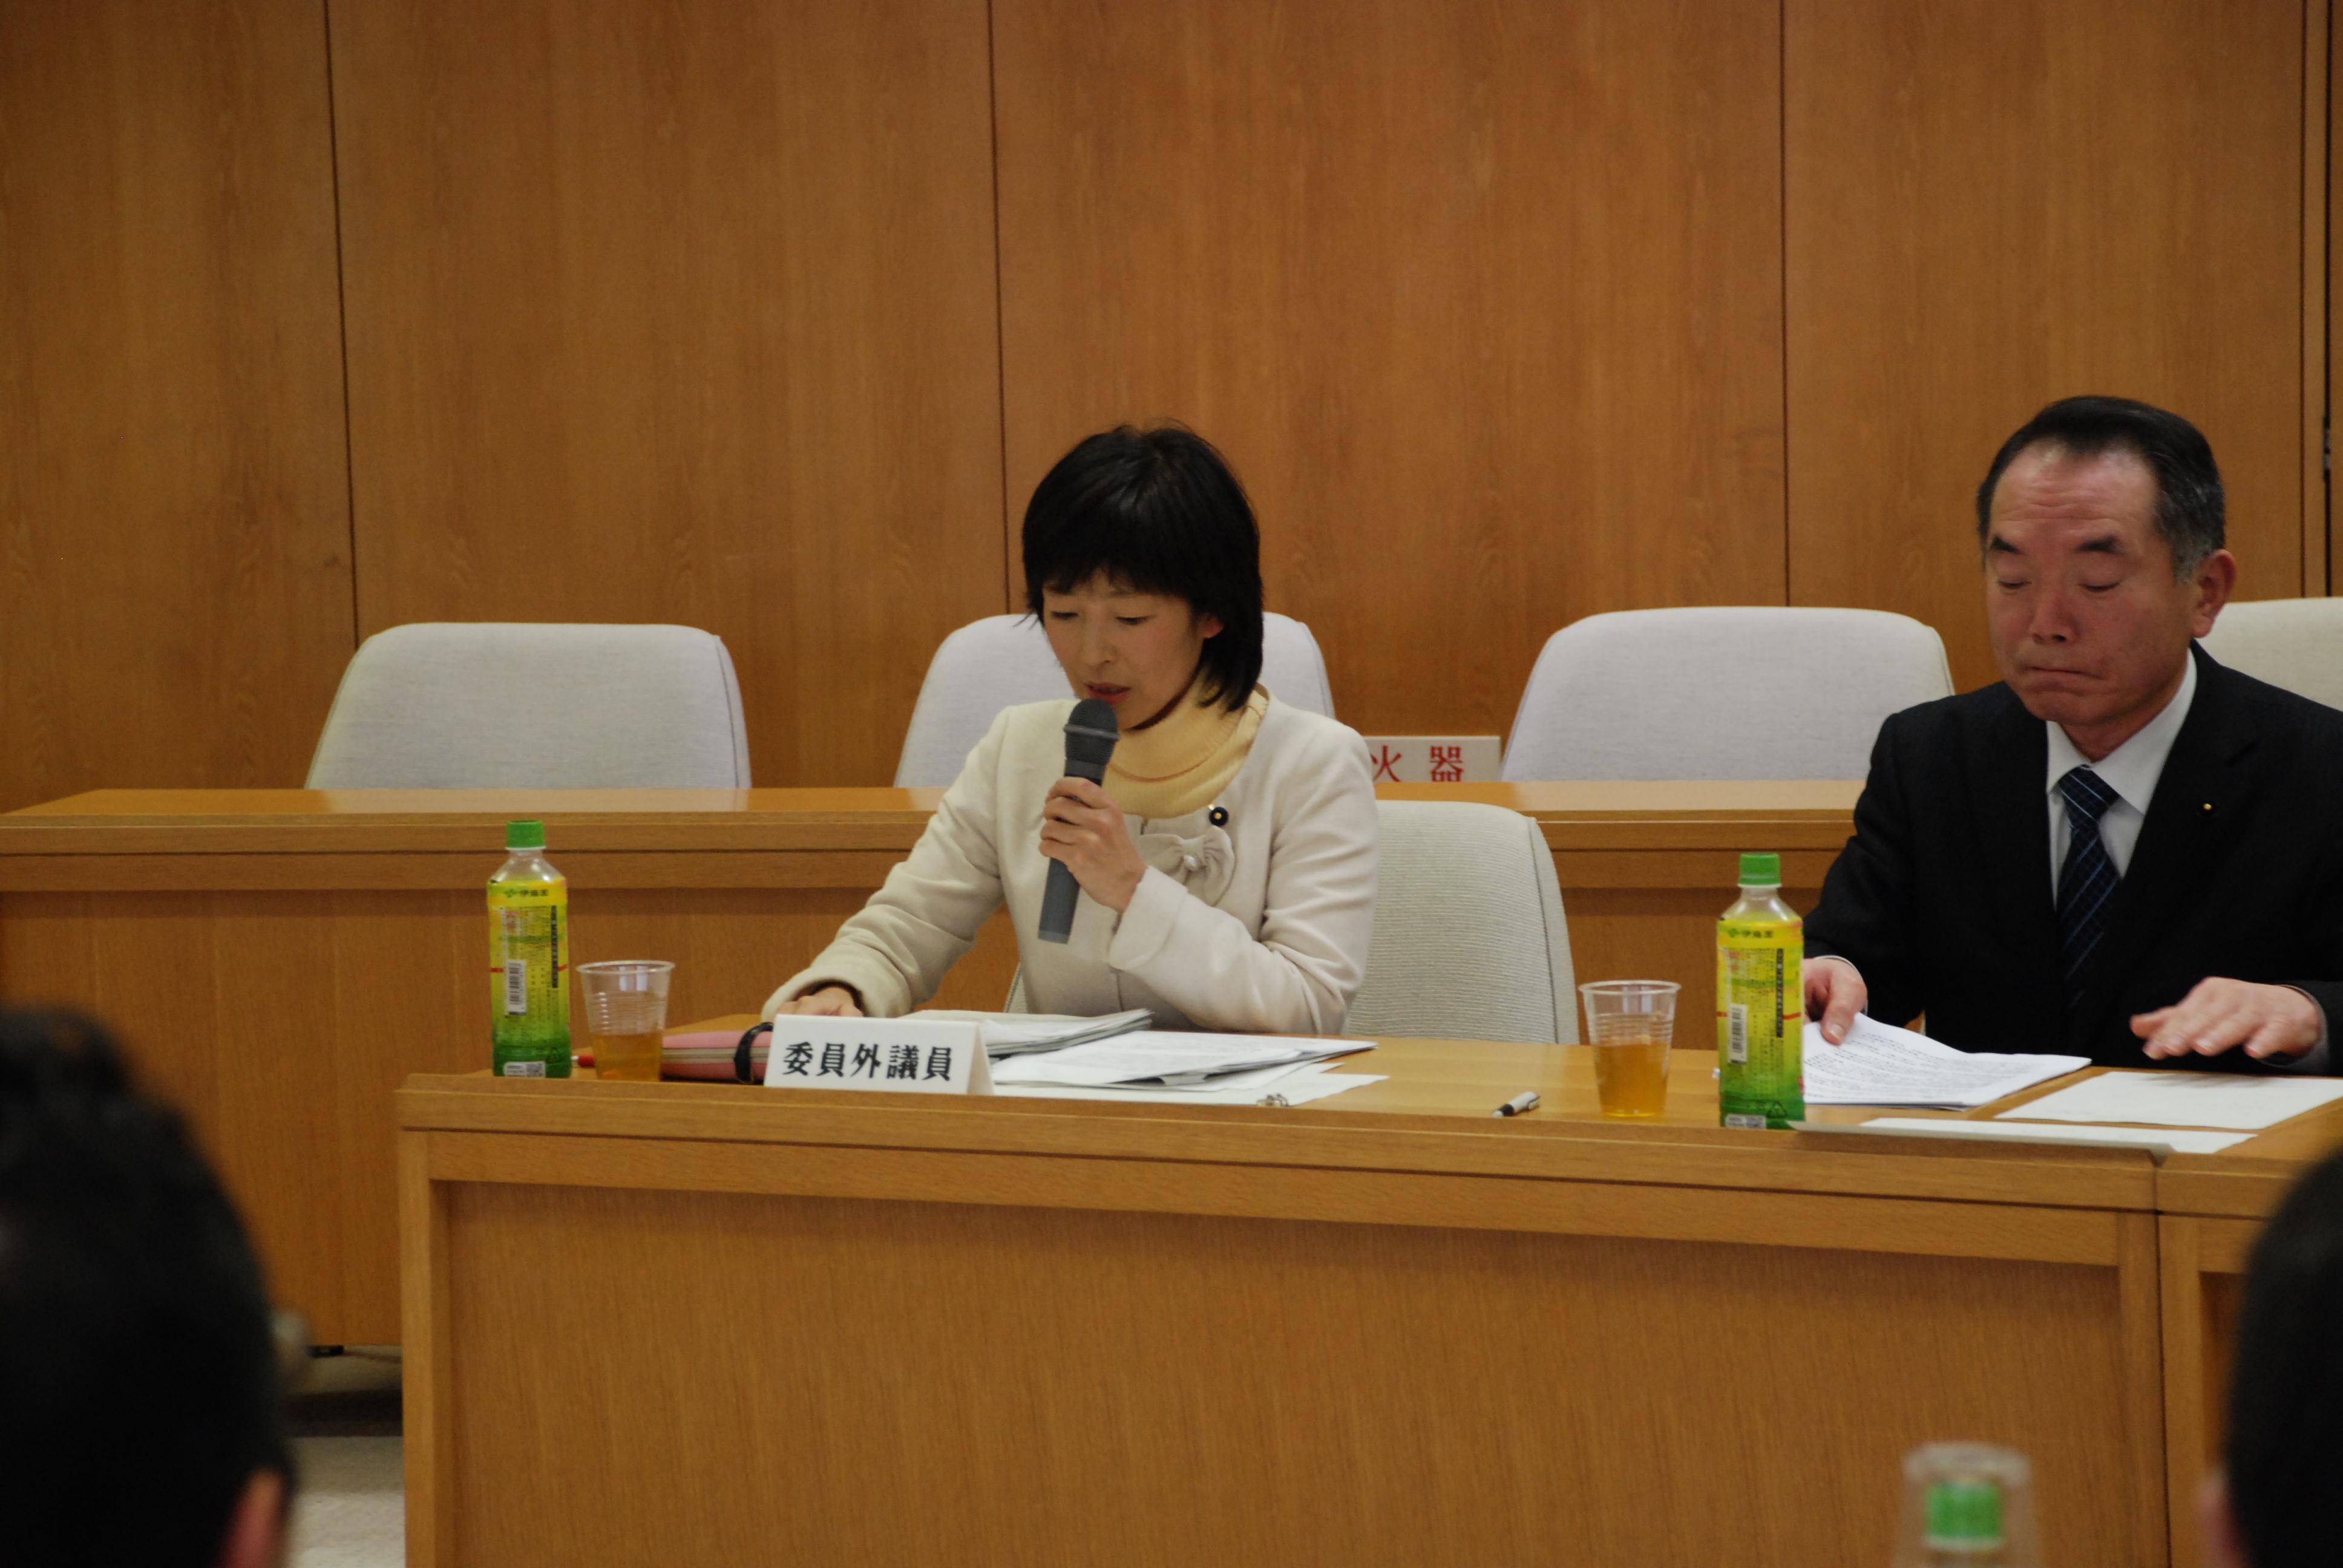 県議会行革特別委員会で意見表明(12月26日)